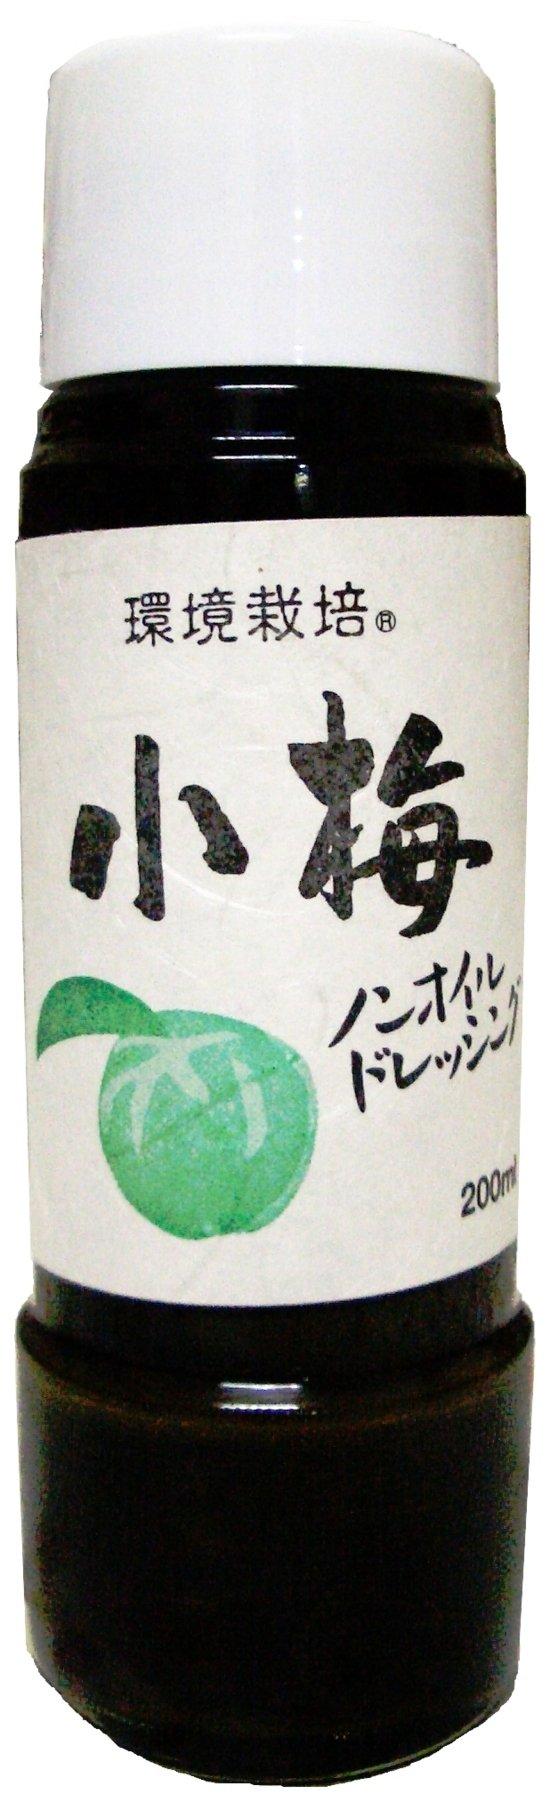 信州自然王国 環境栽培小梅ドレッシング瓶200ml